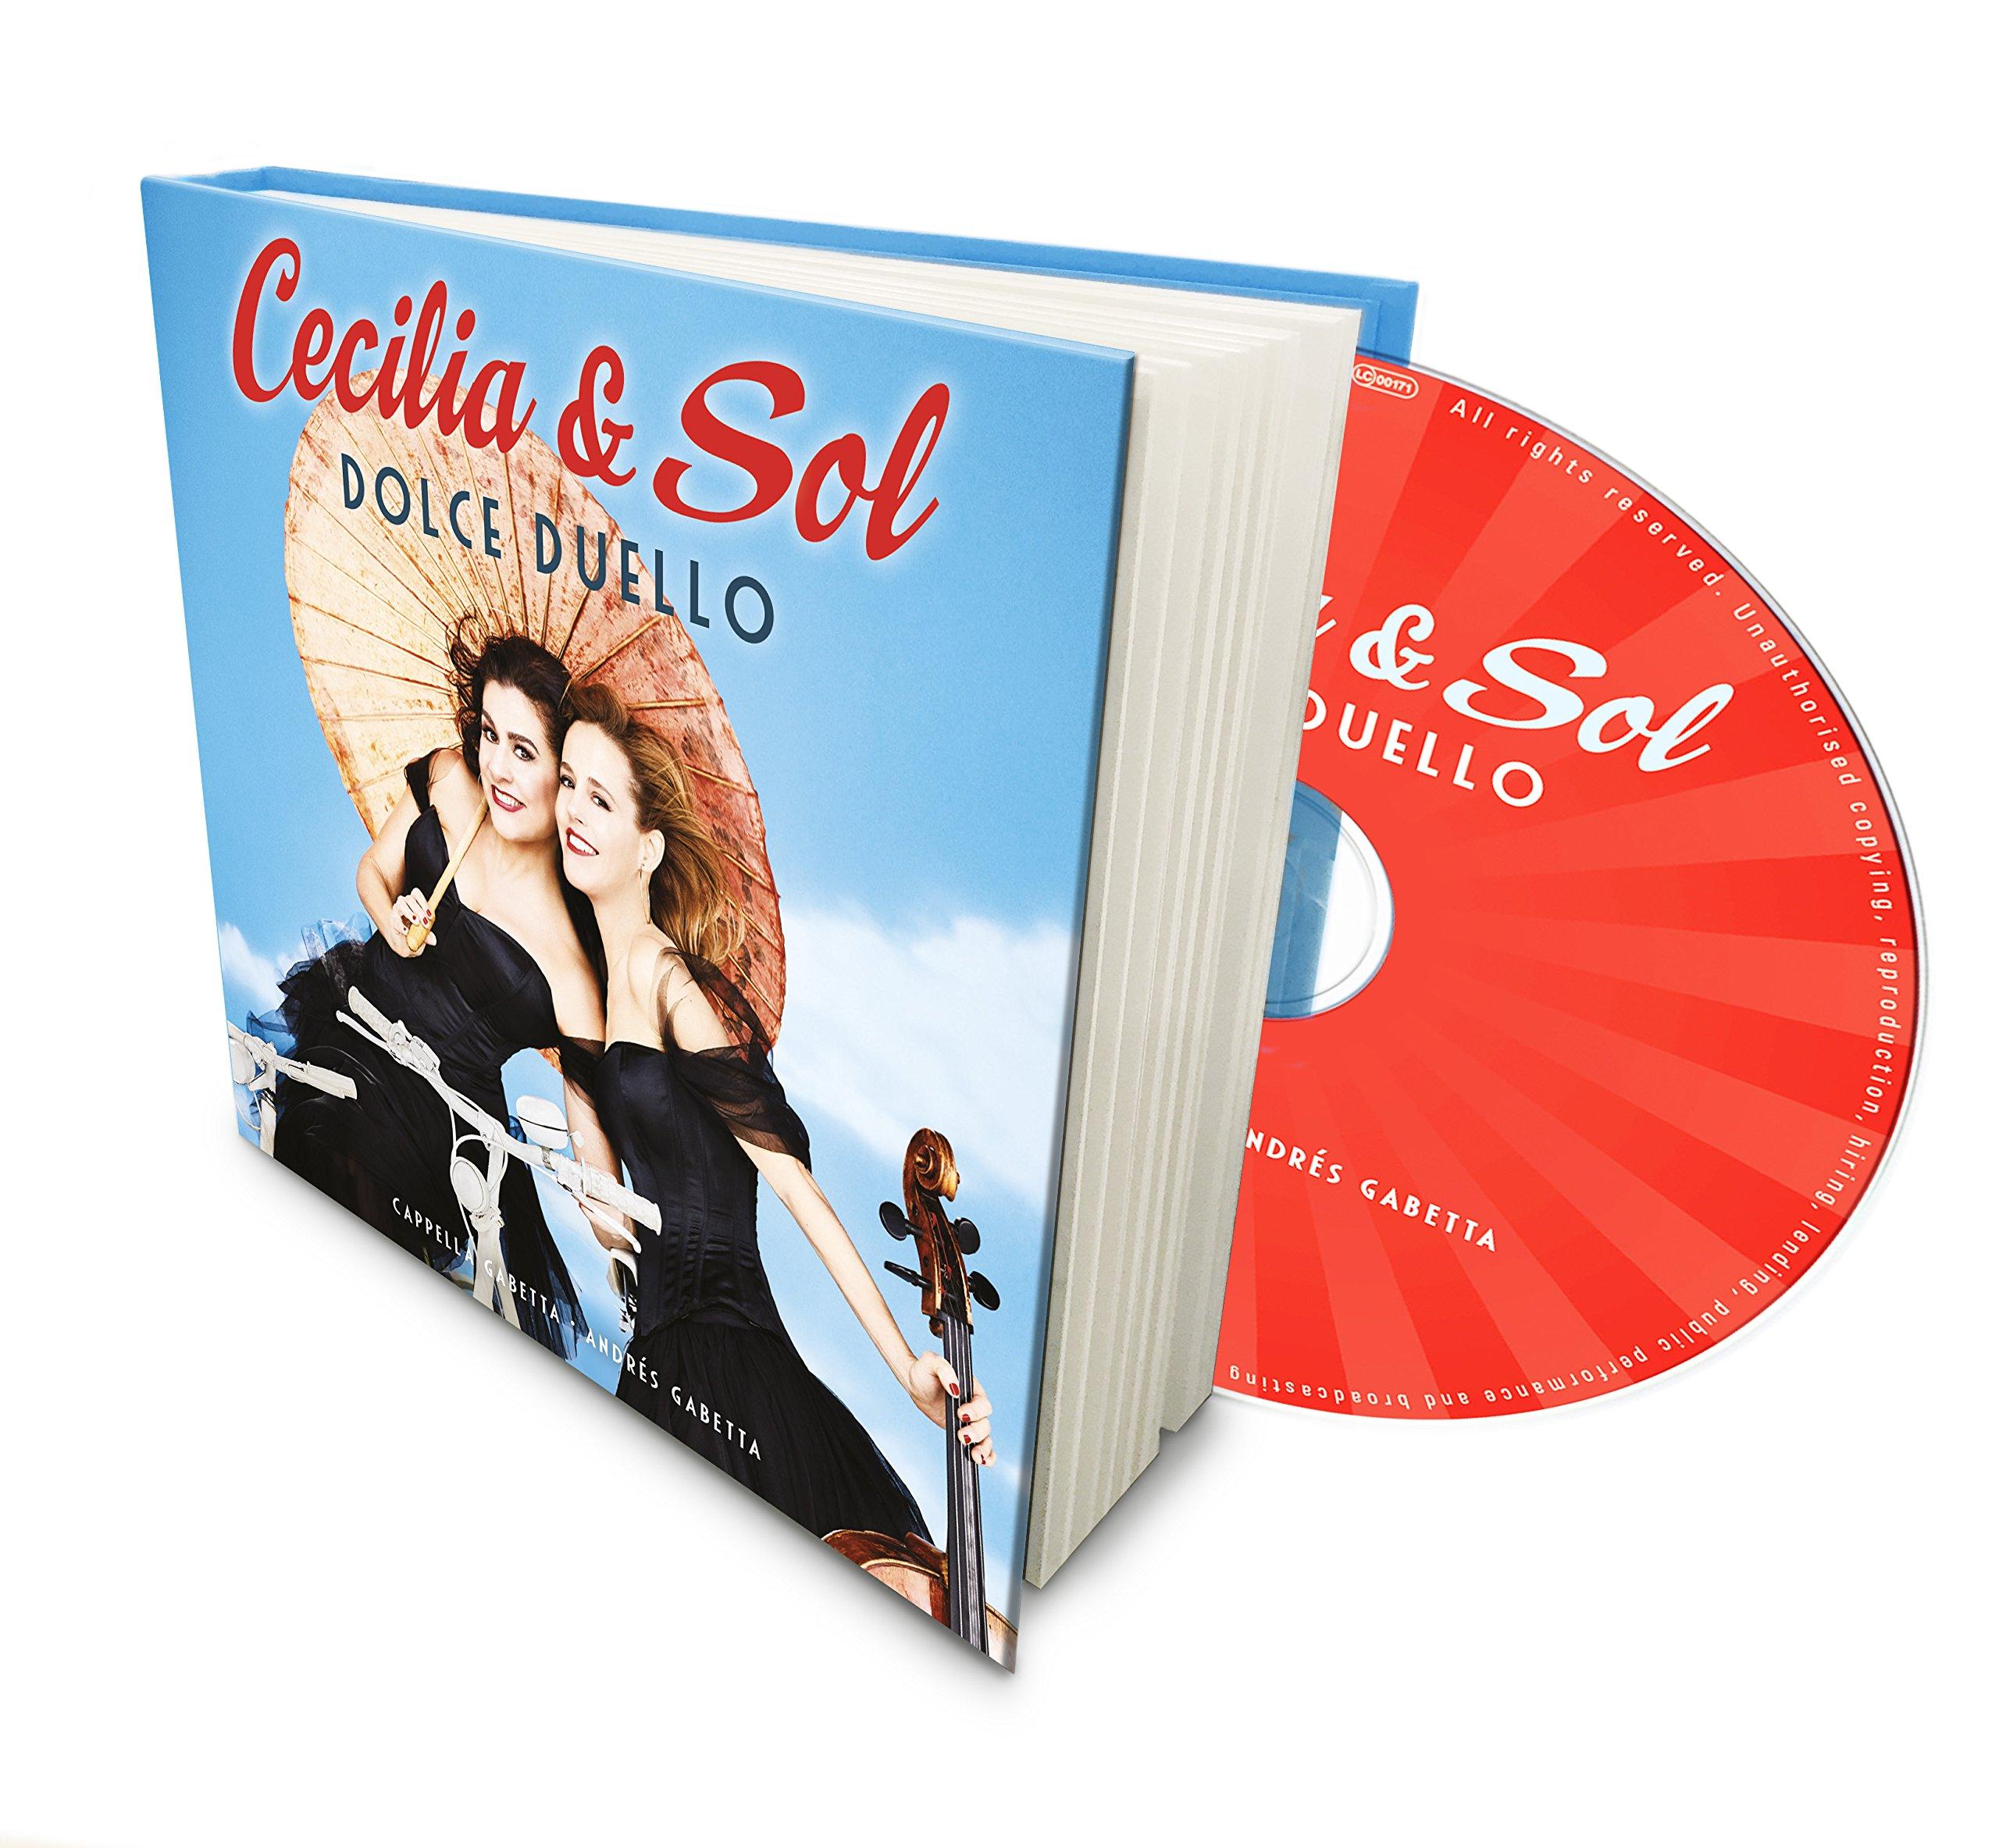 CD : Cecilia Bartoli - Sol Gabetta - Dolce Duello (Limited Edition, Deluxe Edition)